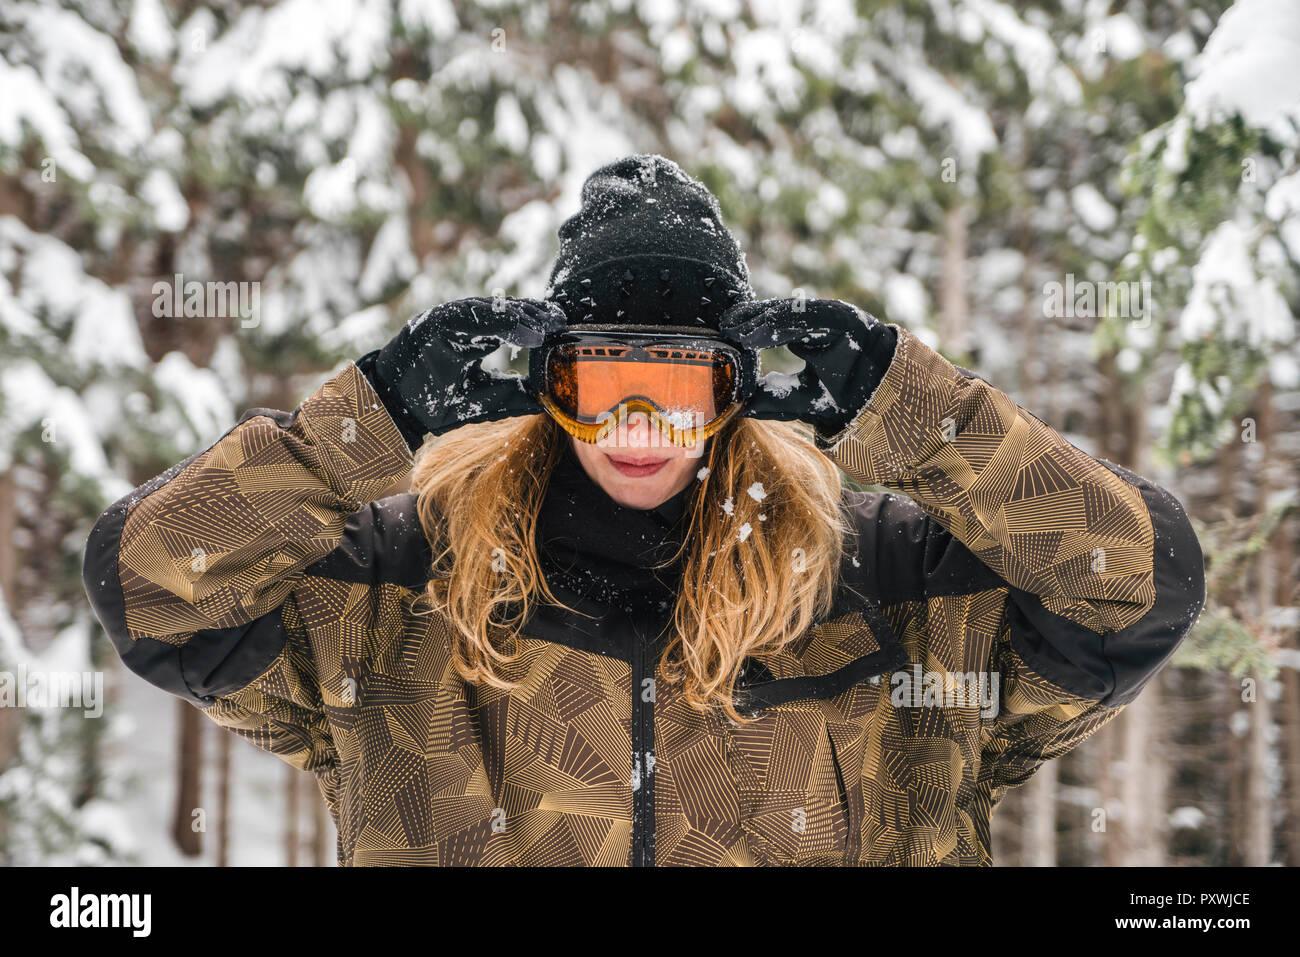 Giovane donna mettendo su occhiali da sci in inverno forest Immagini Stock